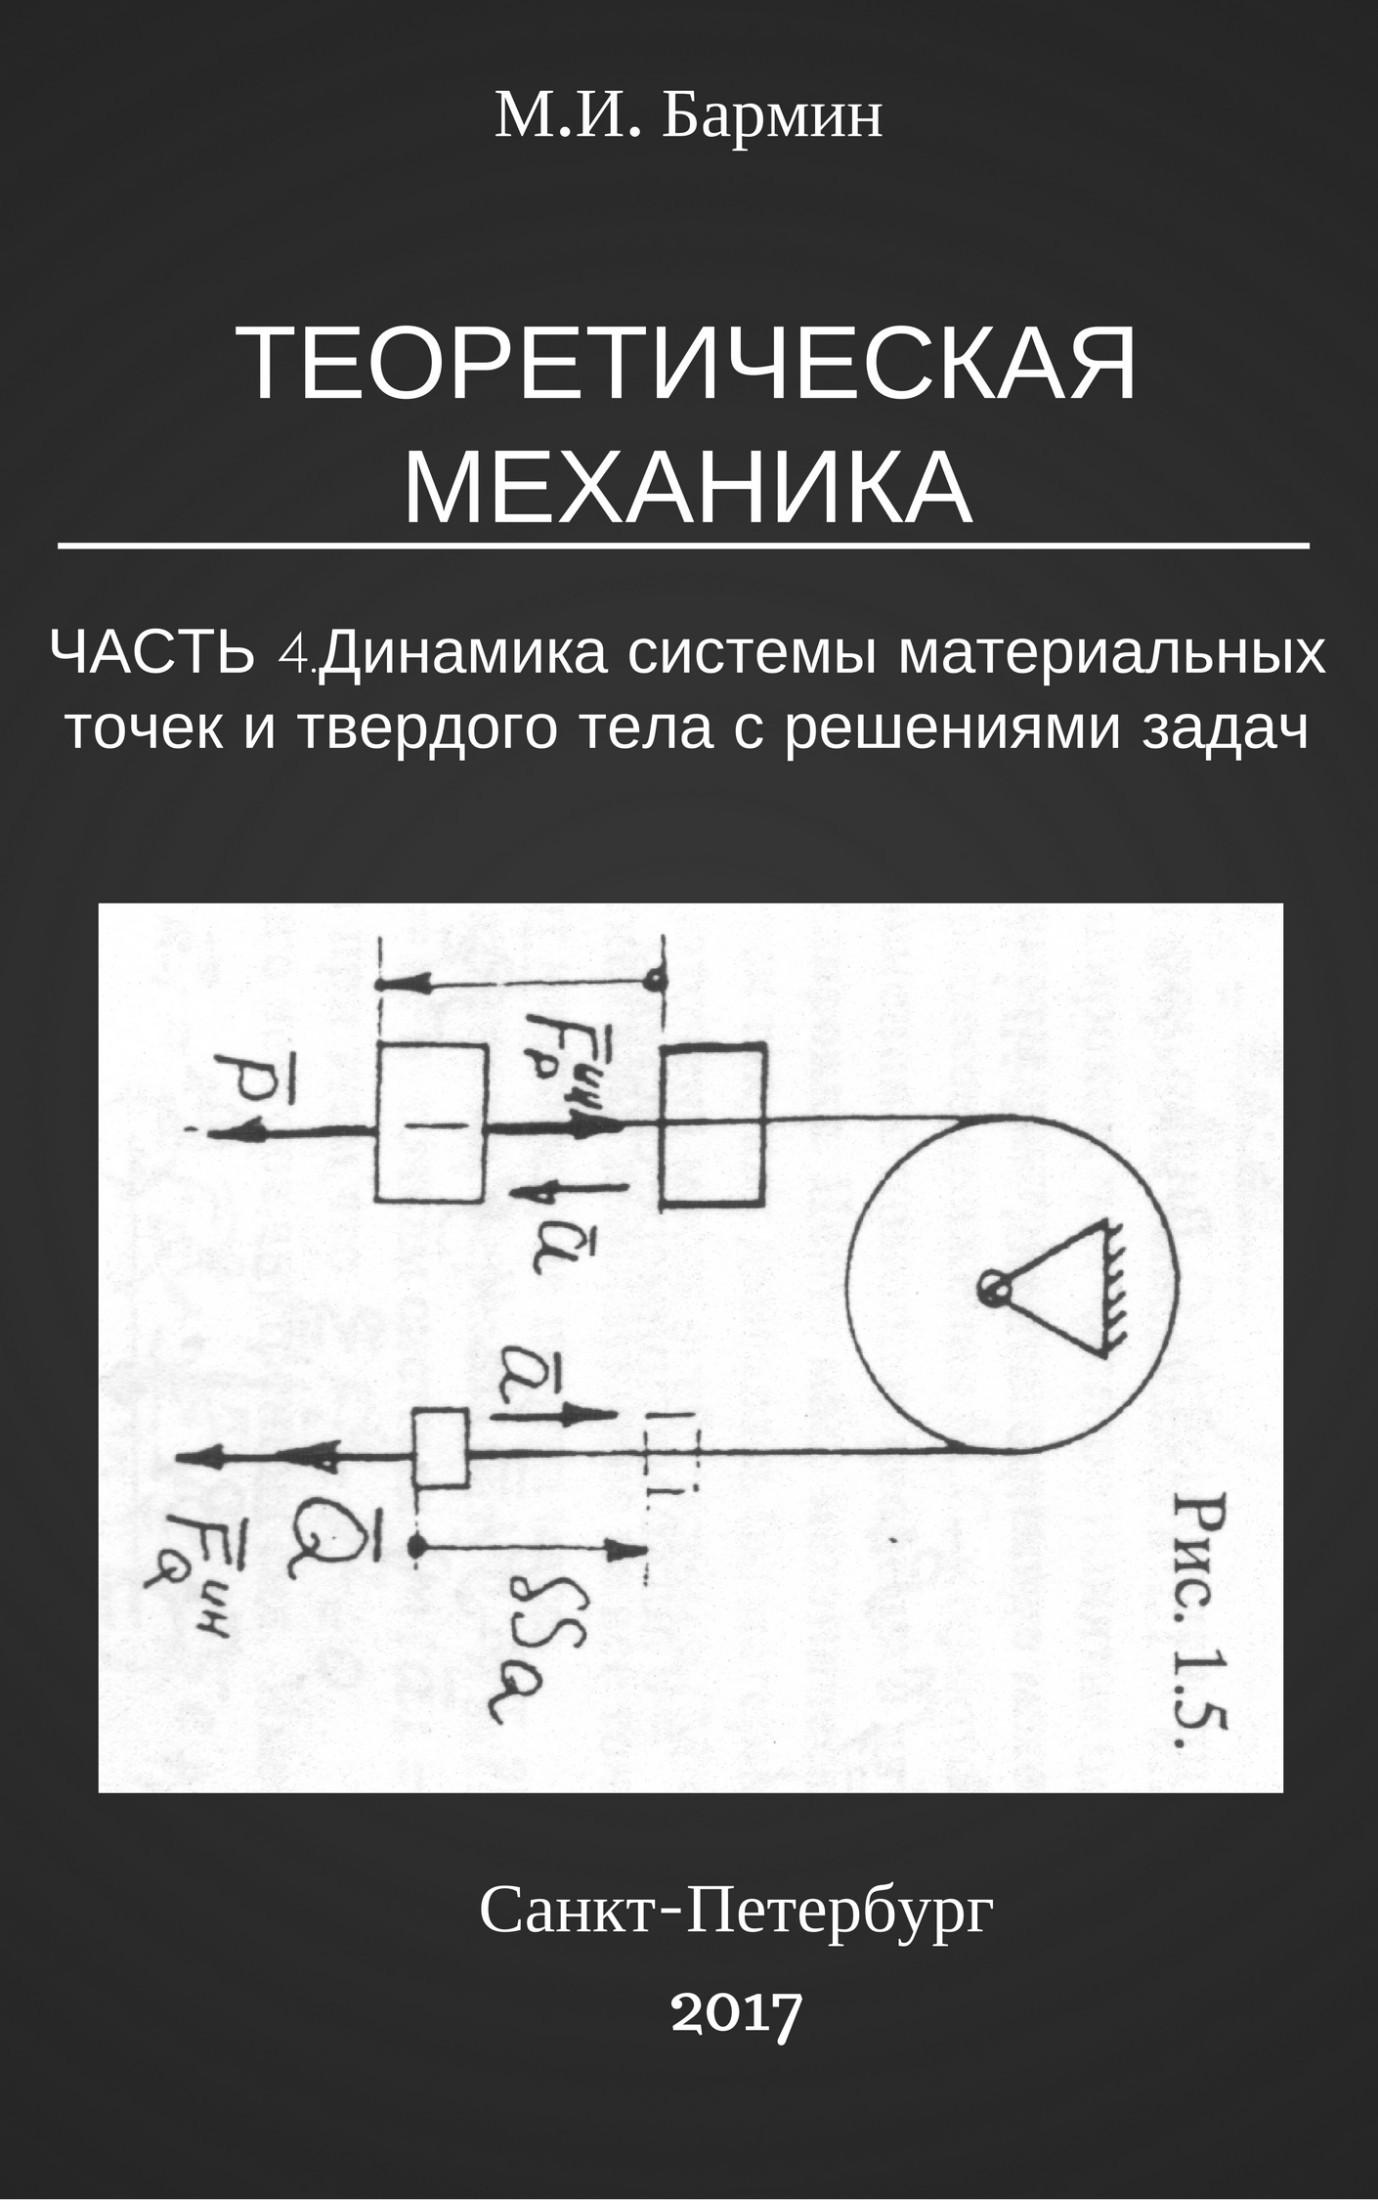 Теоретическая механика. Часть 4. Динамика системы материальных точек и твердого тела с решениями задач